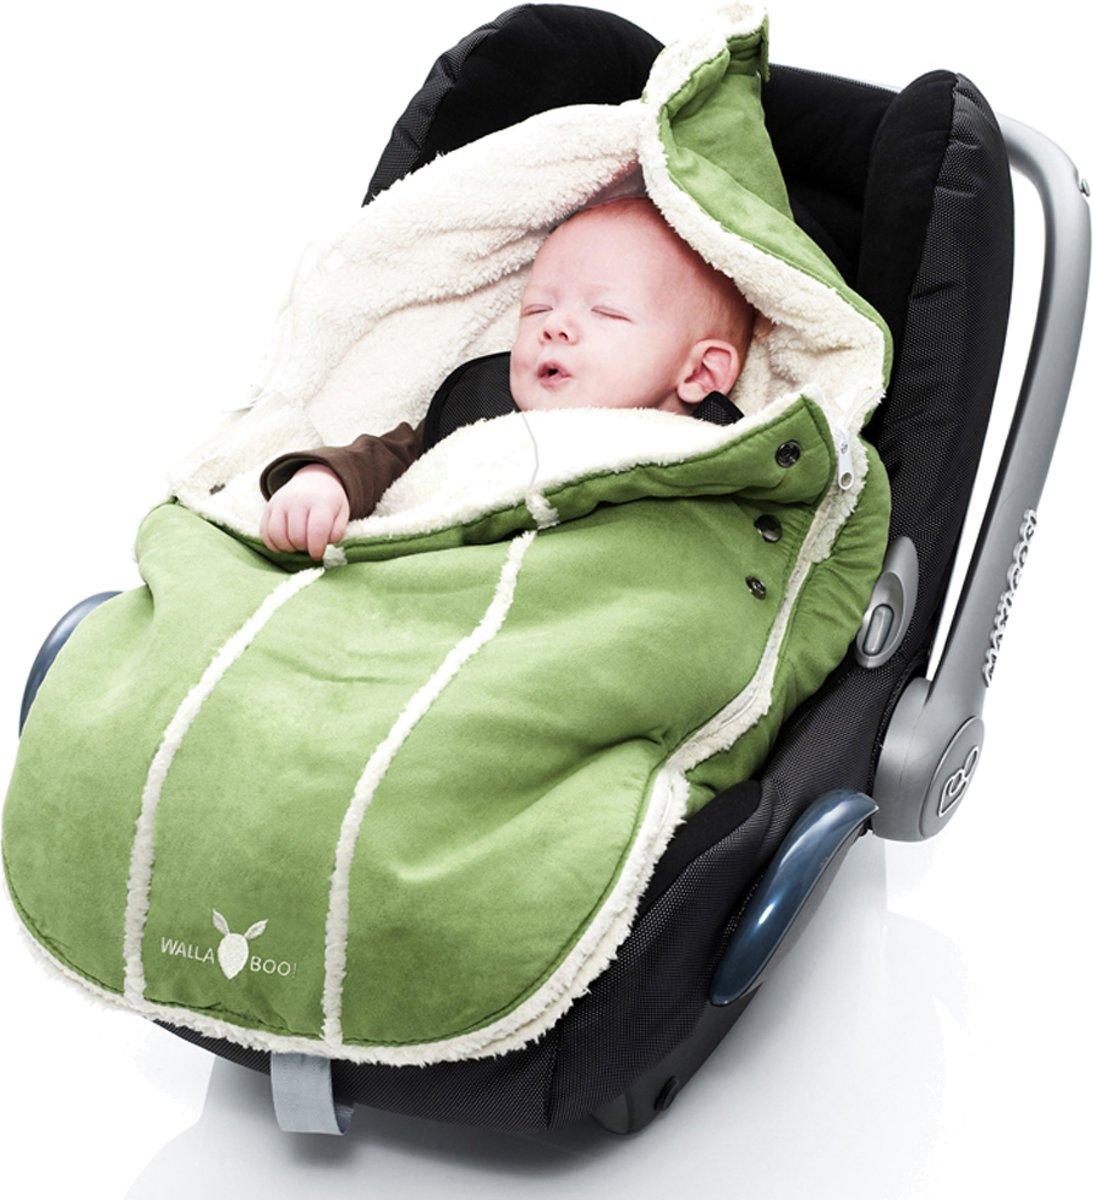 Wallaboo voetenzak - prachtig suède gevoerd met  bont - geschikt voor 0 tot 12 maanden - past in elk autostoeltje groep 0 - groen kopen